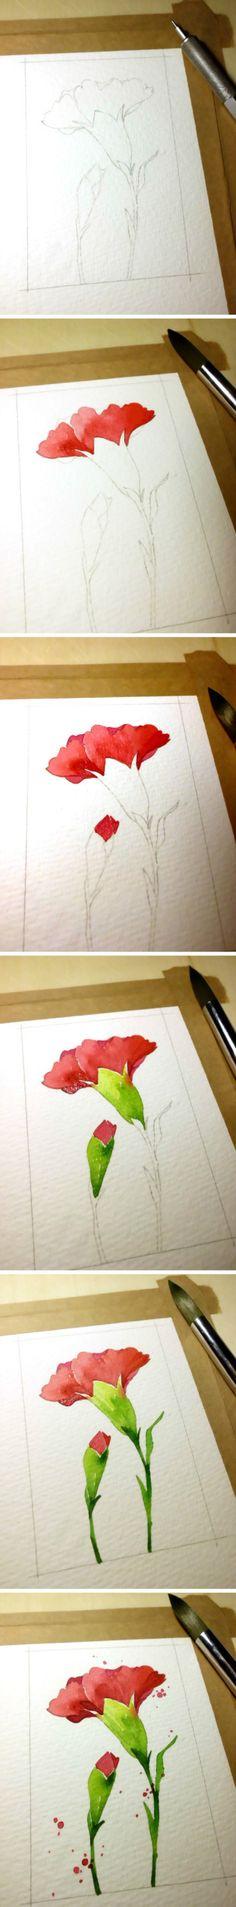 【绘画教程】鸡冠花(虹撒花)画法-插画家园-插画家园原创水彩插画-插画家园【小白的花花世界——第四辑】-3-插画家园,治愈系植物小清新